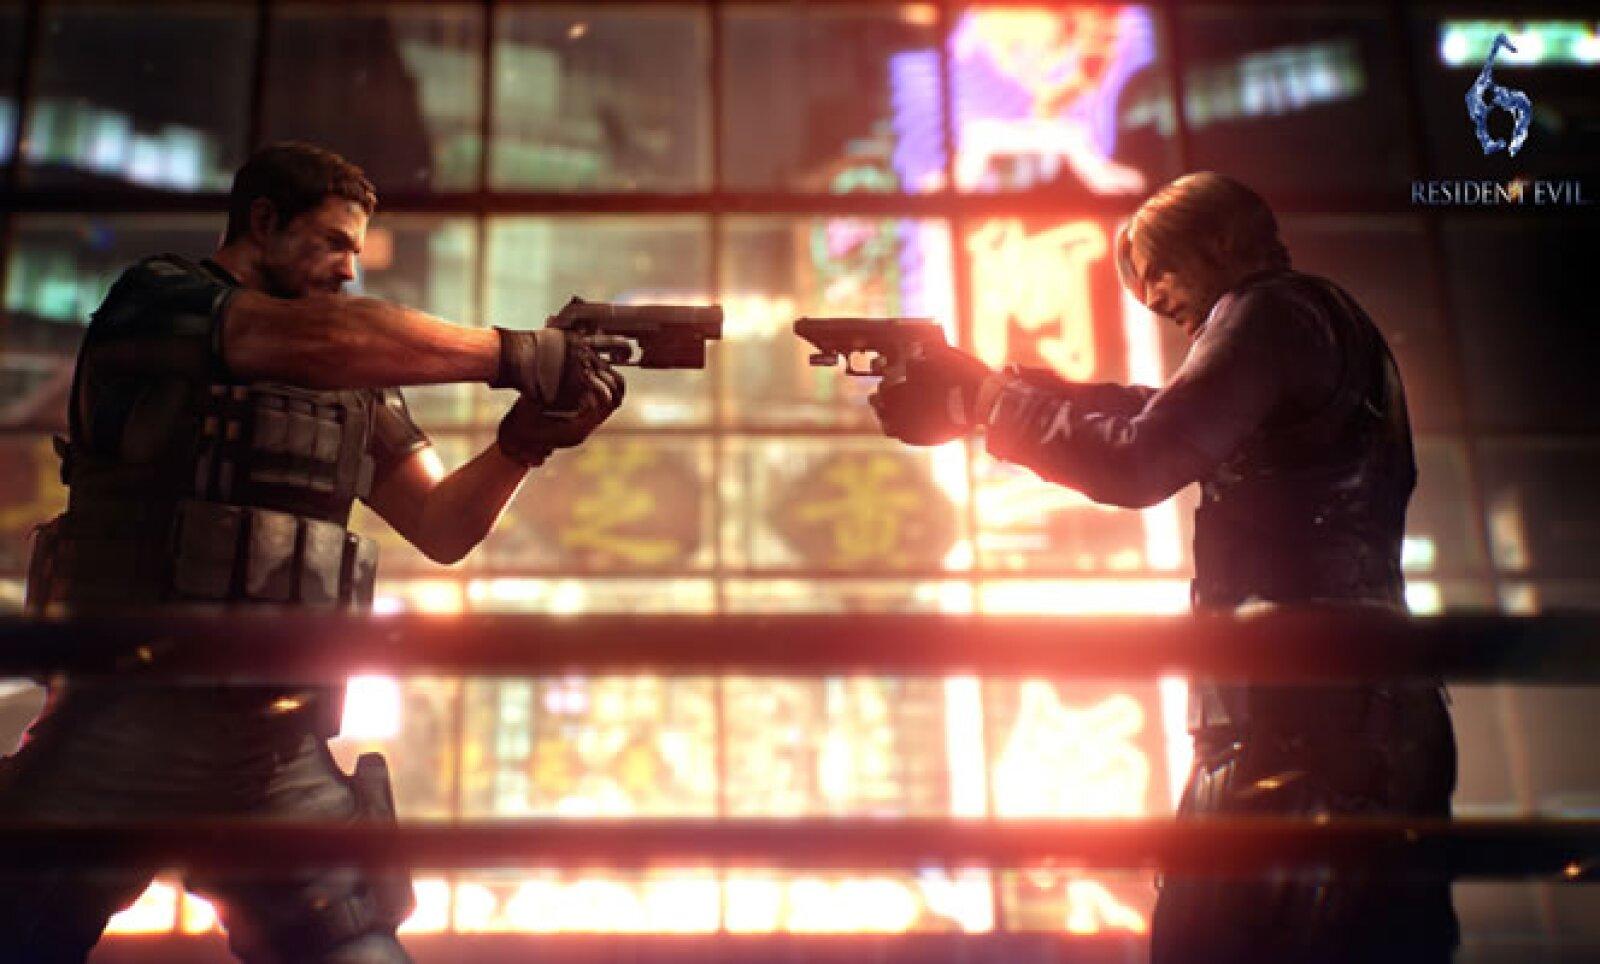 Resident Evil 6 está disponible en tiendas departamentales, especializadas en videojuegos y clubes de compra.